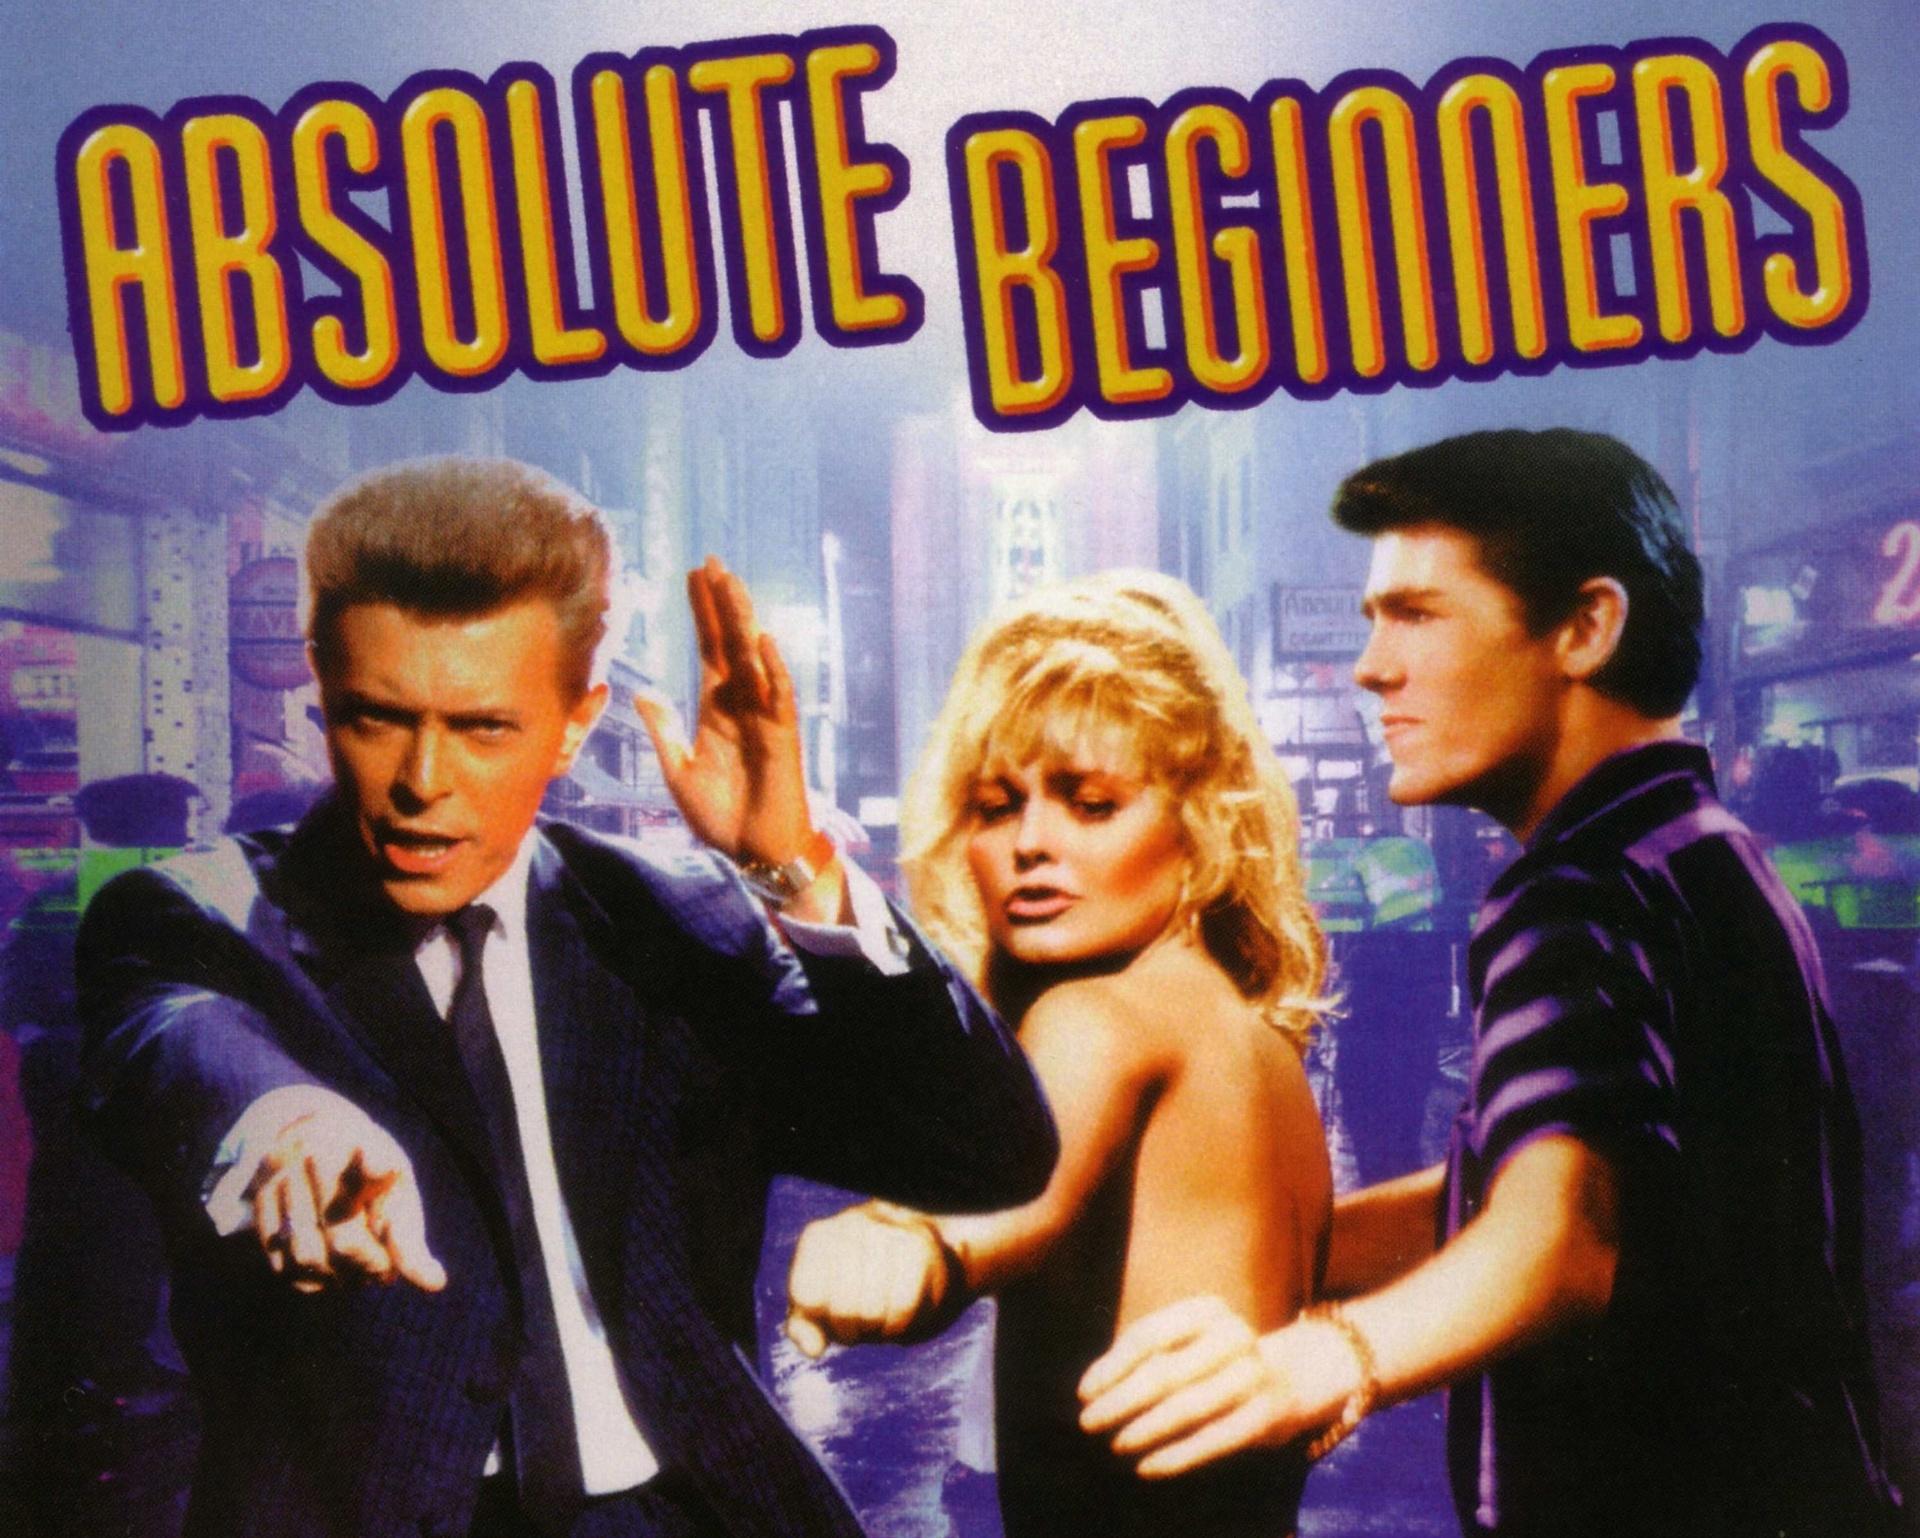 Absolute Beginners (Dir.: Julien Temple, 1986) - Bowie foi convidado para esse musical sobre a década de 50 em Londres e adorou a proposta. Mas pediu uma condição: que ele ficaria encarregado da trilha sonora. O filme teve vários problemas de orçamento e sofreu atrasos. No fim, a canção composta por Bowie, que leva o nome do filme, foi um sucesso, mas o longa não teve a mesma sorte